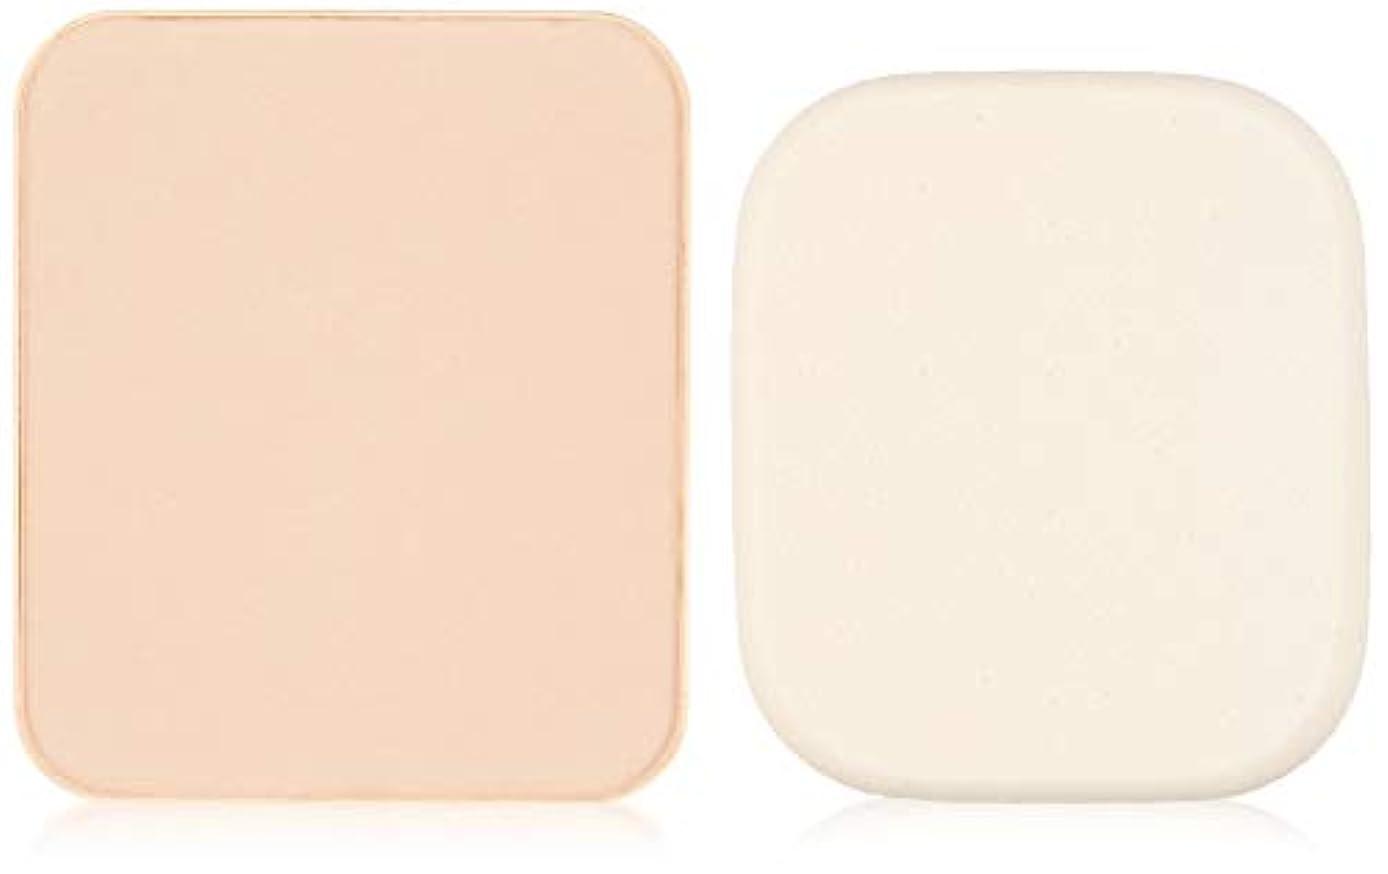 ギャップメディア方向to/one(トーン) デューイ モイスト パウダリーファンデーション 全6色 101 明るい肌色の方向けのピンクオークル 101 Li 11g